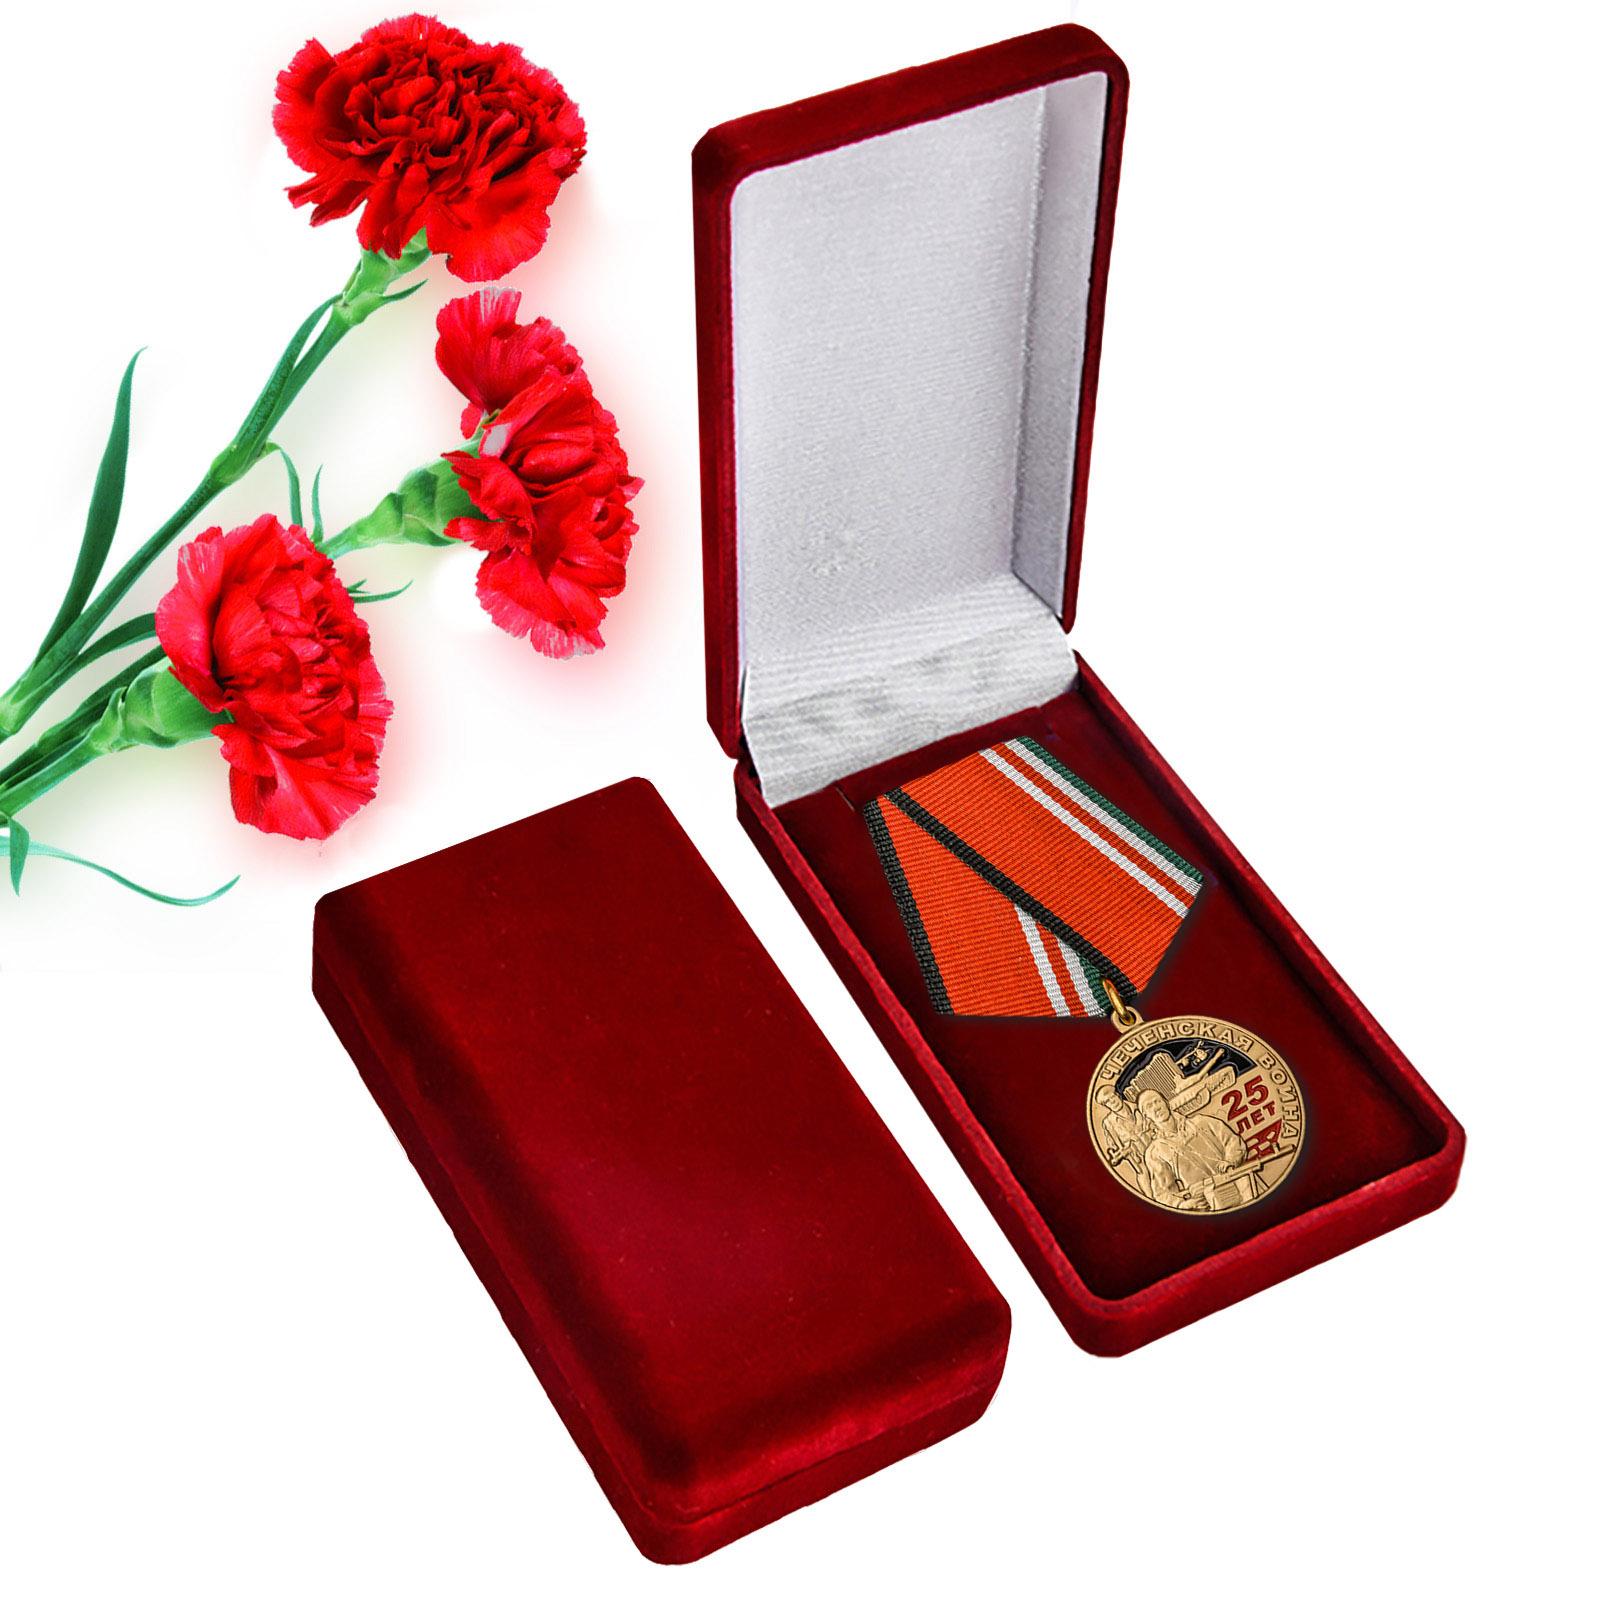 Медаль «Чеченская война, 25 лет» по цене производителя